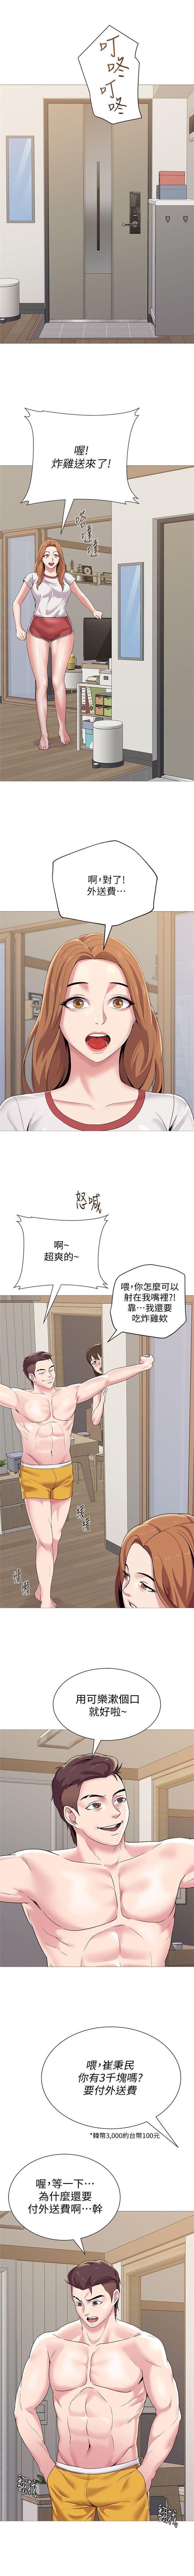 (周3)老师 1-56 中文翻译(更新中) 165